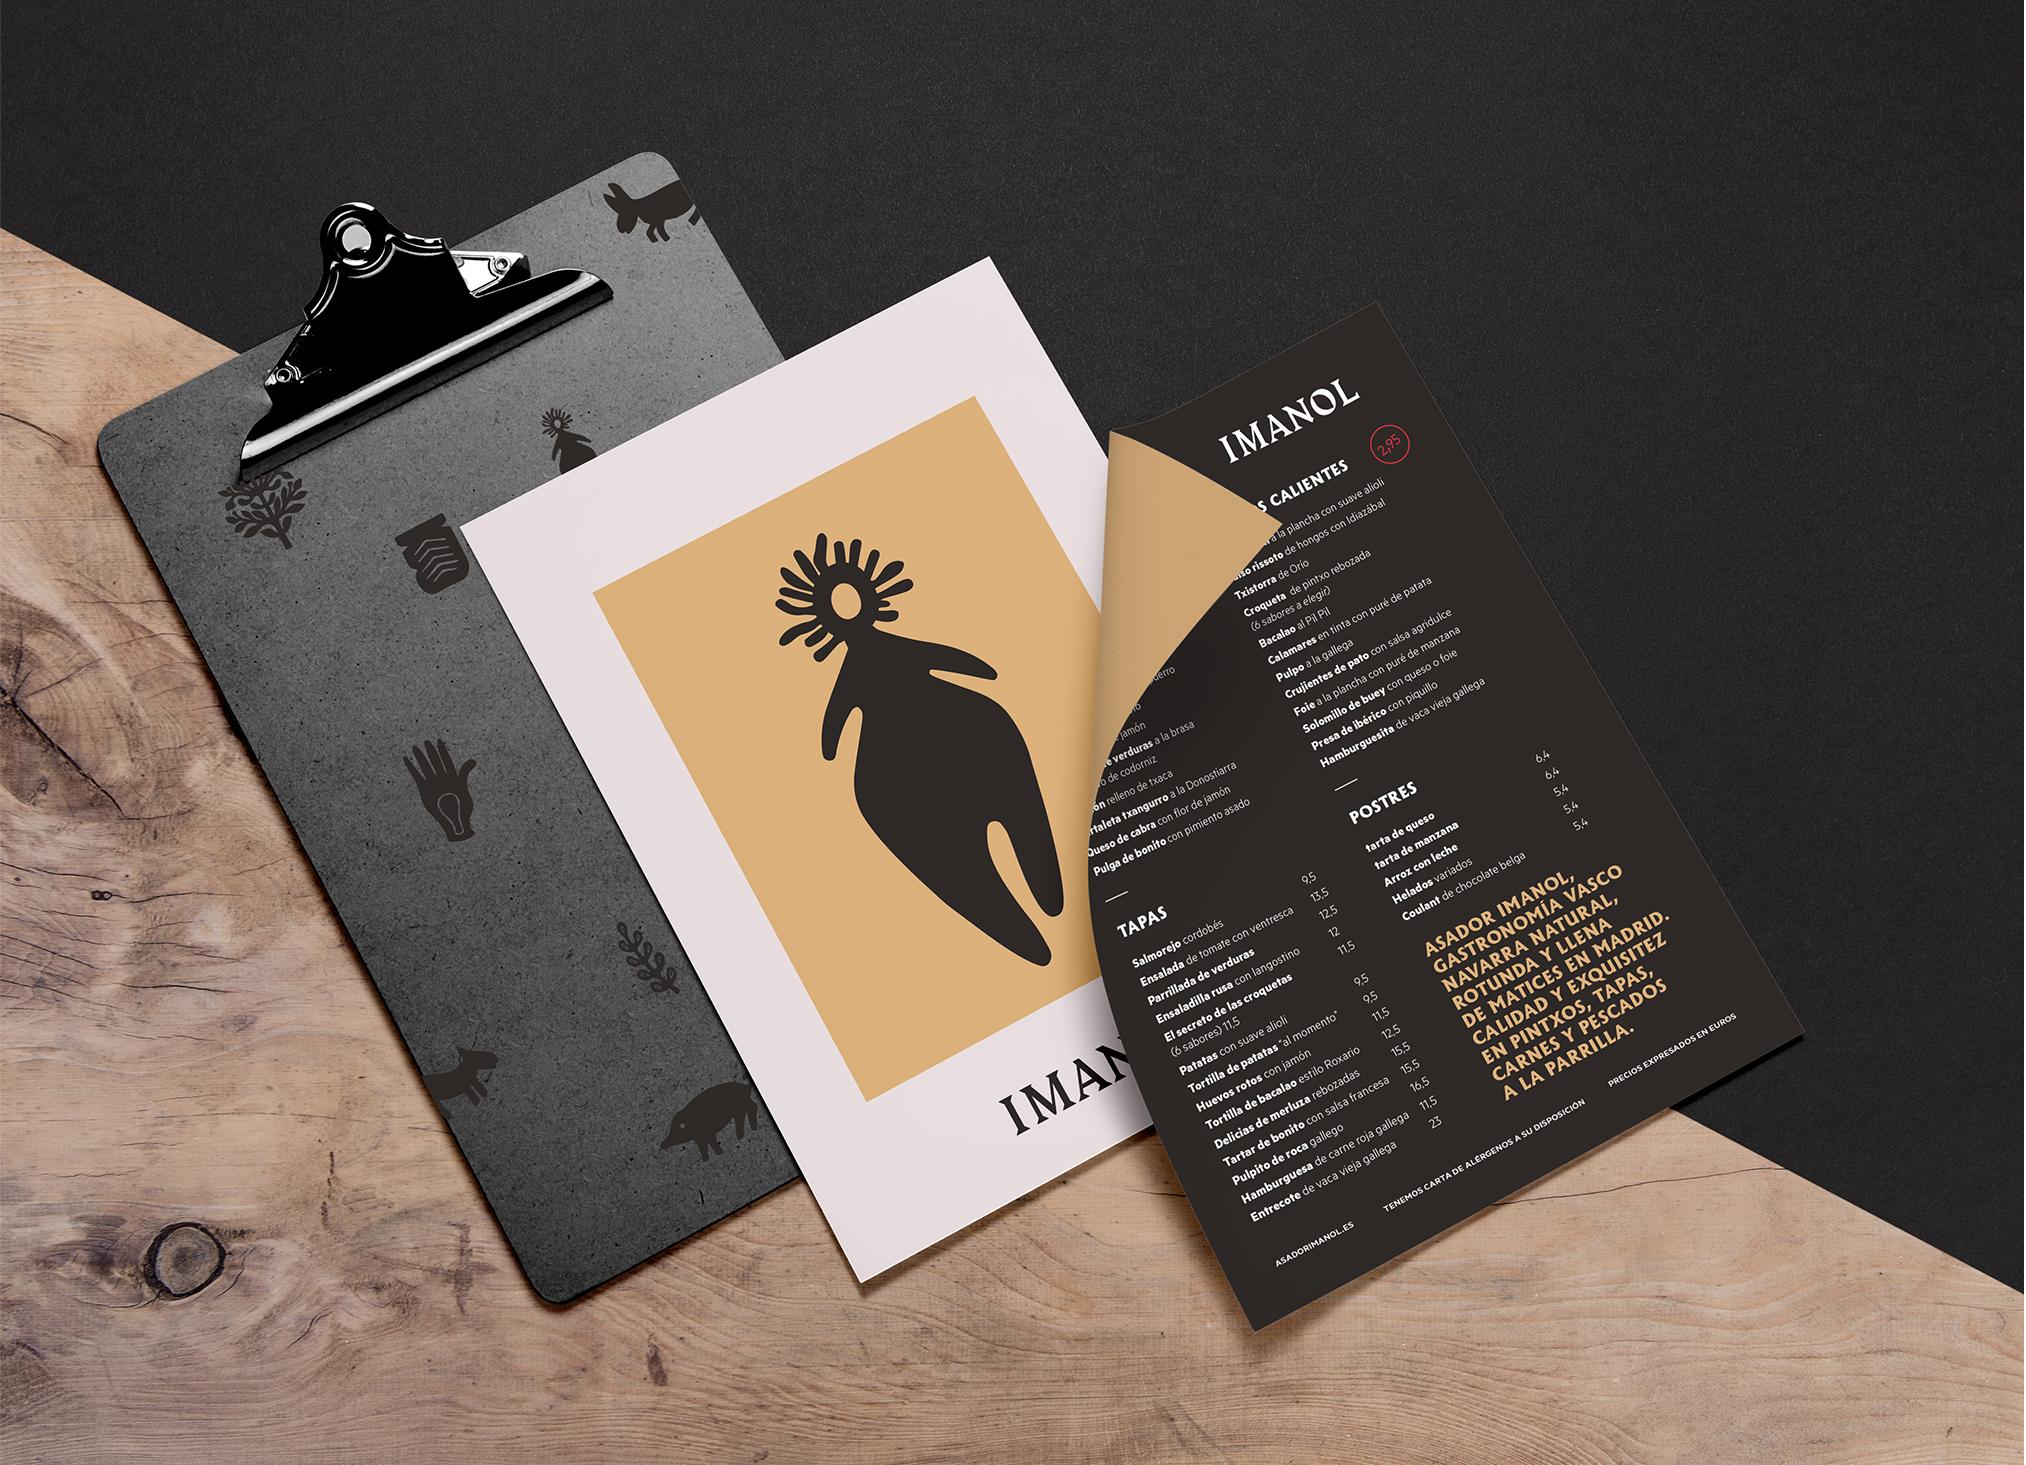 imanol-angel-espinosa-005